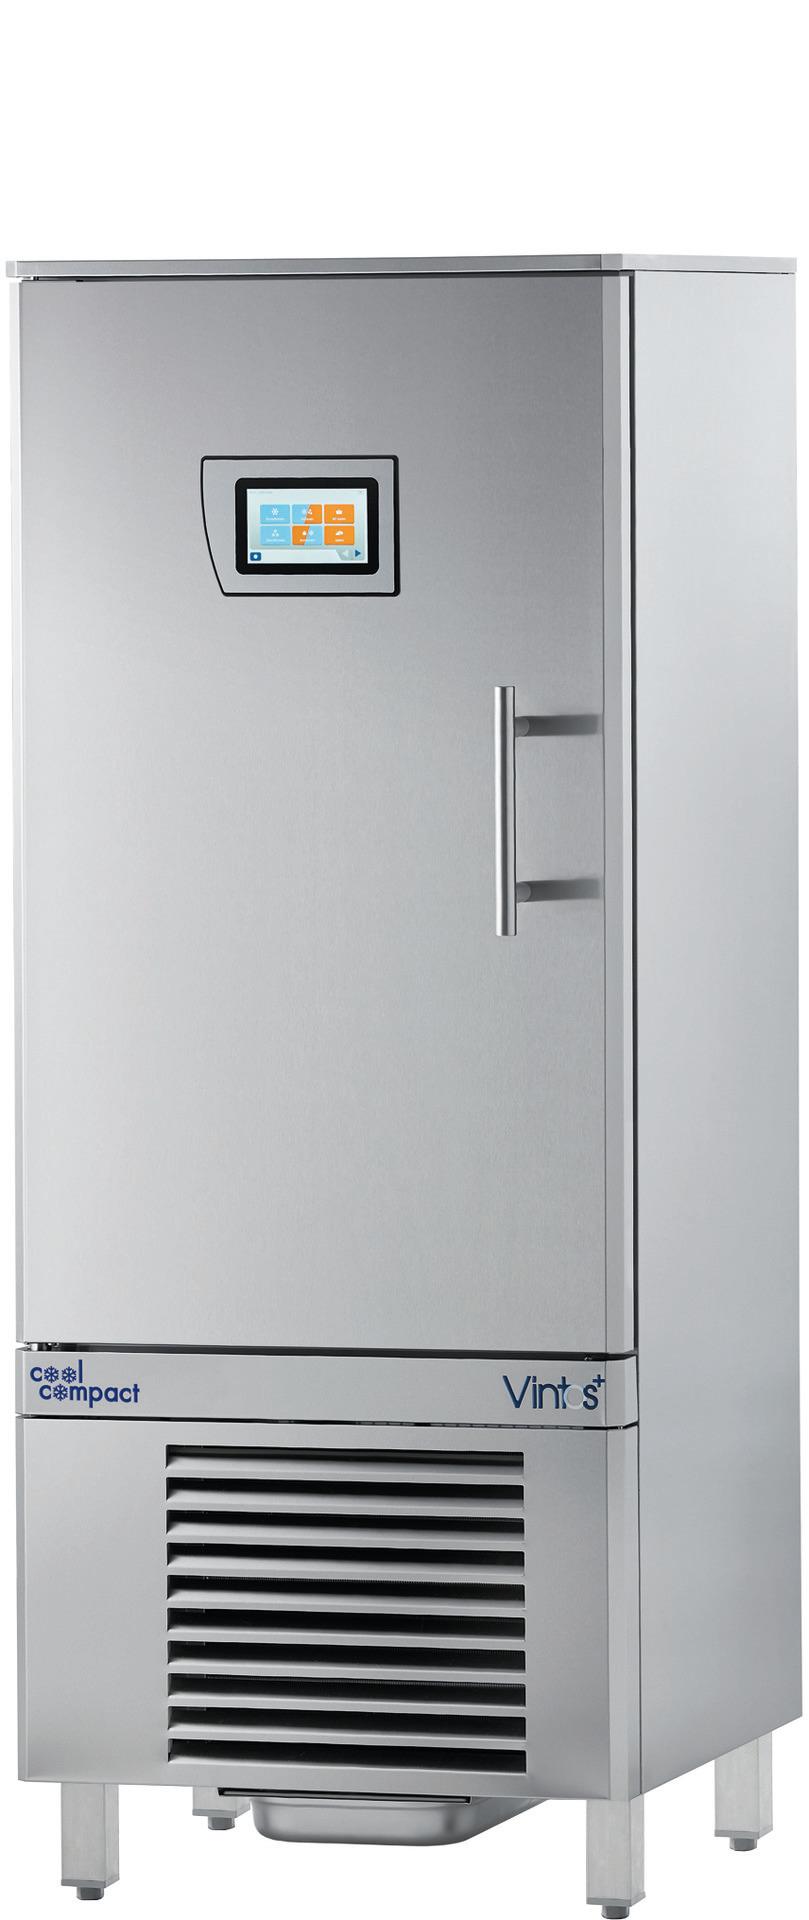 Schnellkühler / Schockfroster 13x GN 1/1 Quereinschub / zentralgekühlt